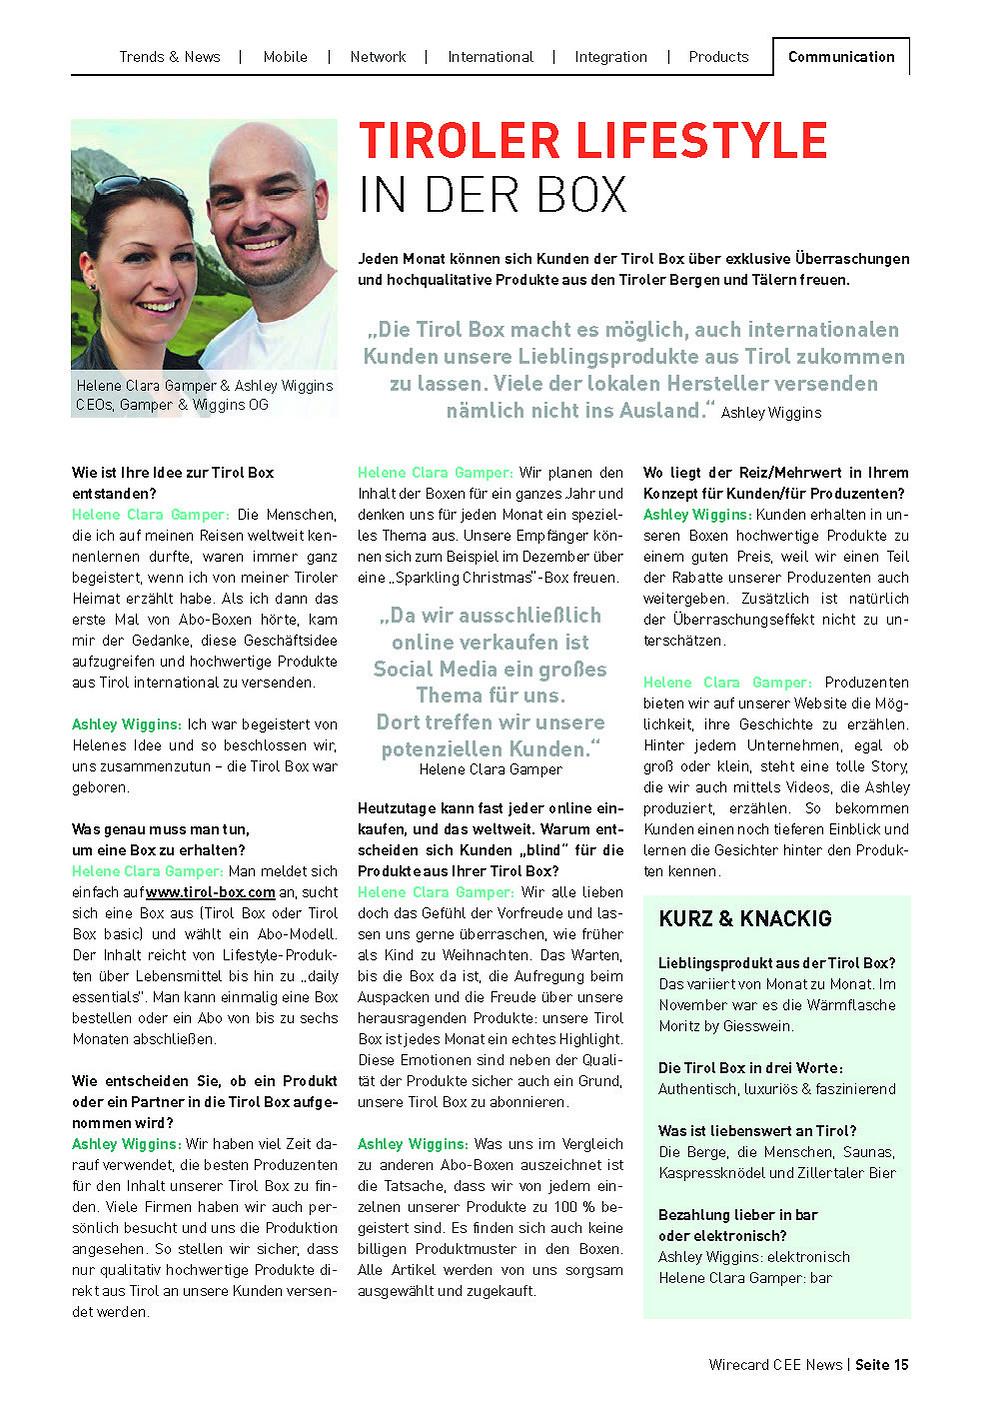 interview wirecard magazine